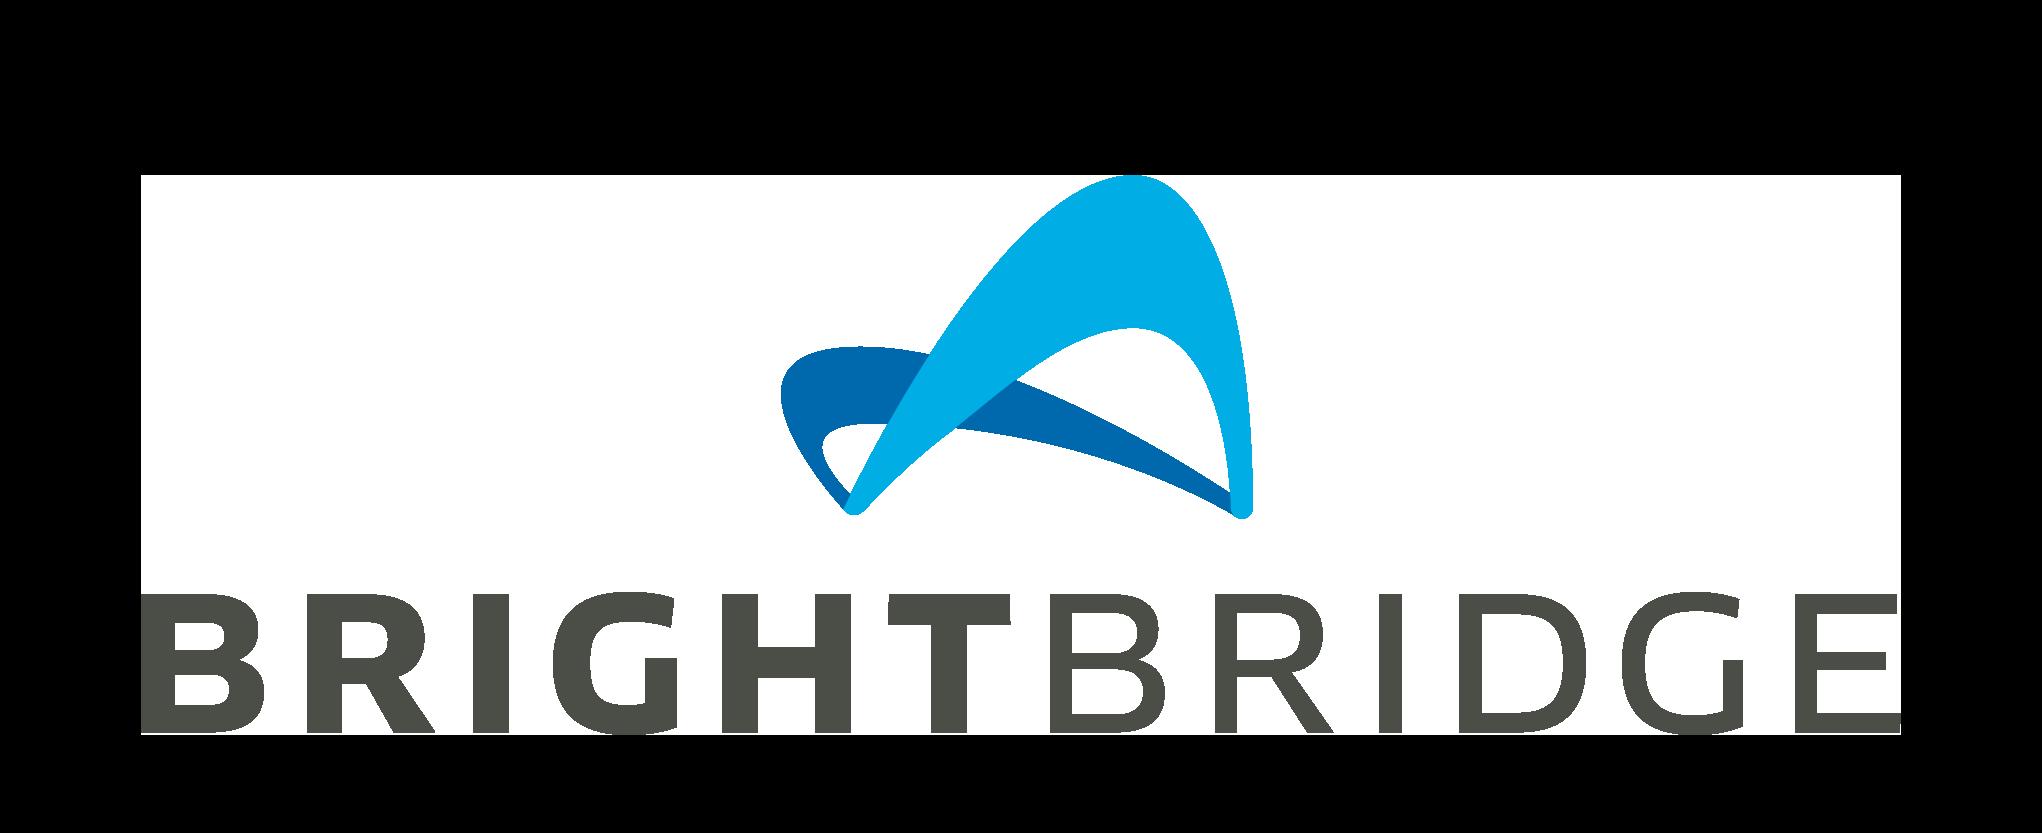 BrightBridge